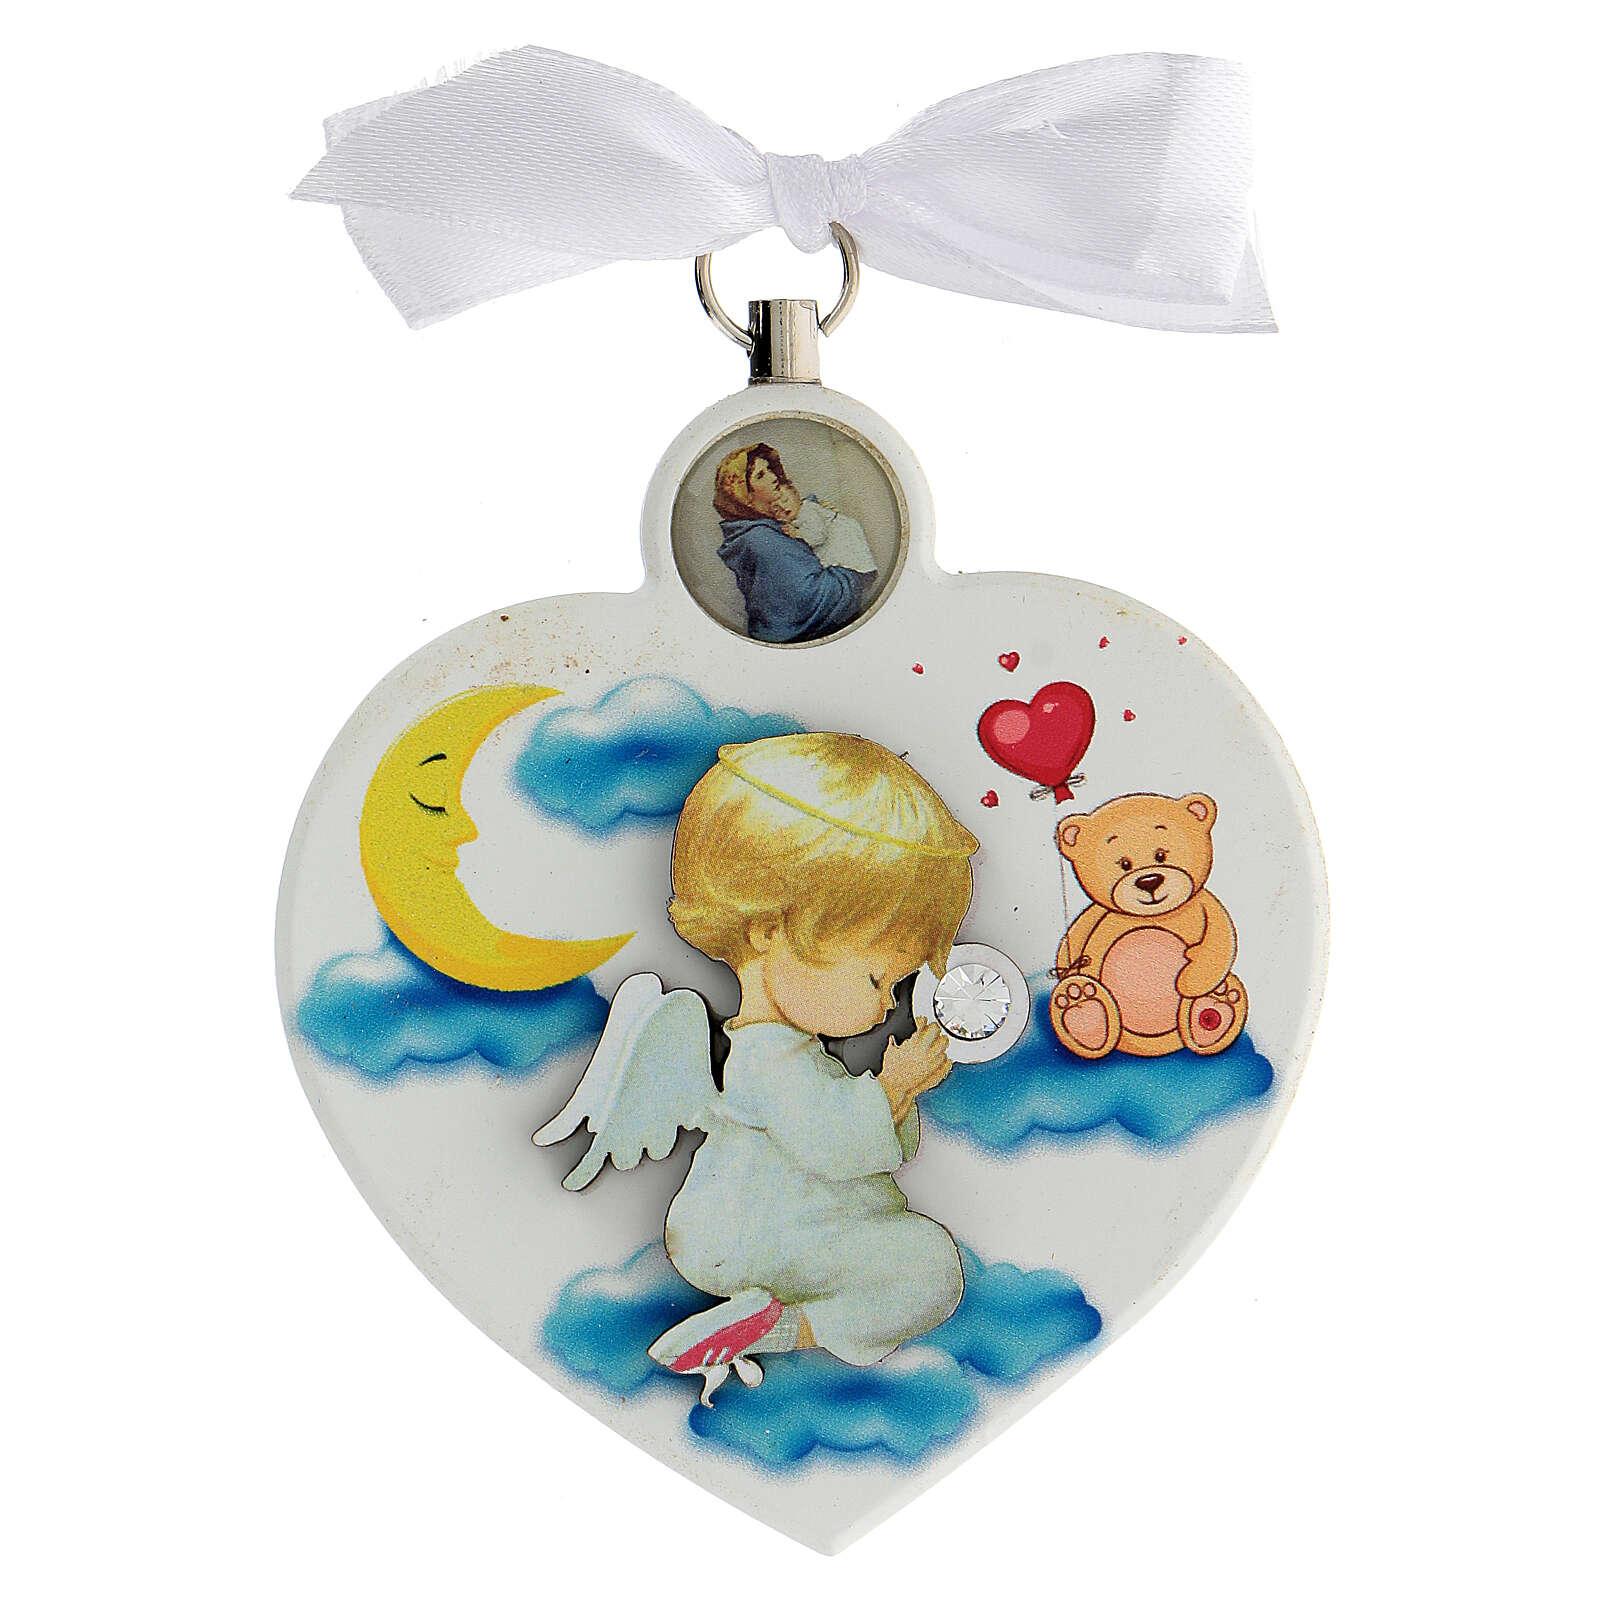 Médaille berceau coeur blanc ange en prière 4